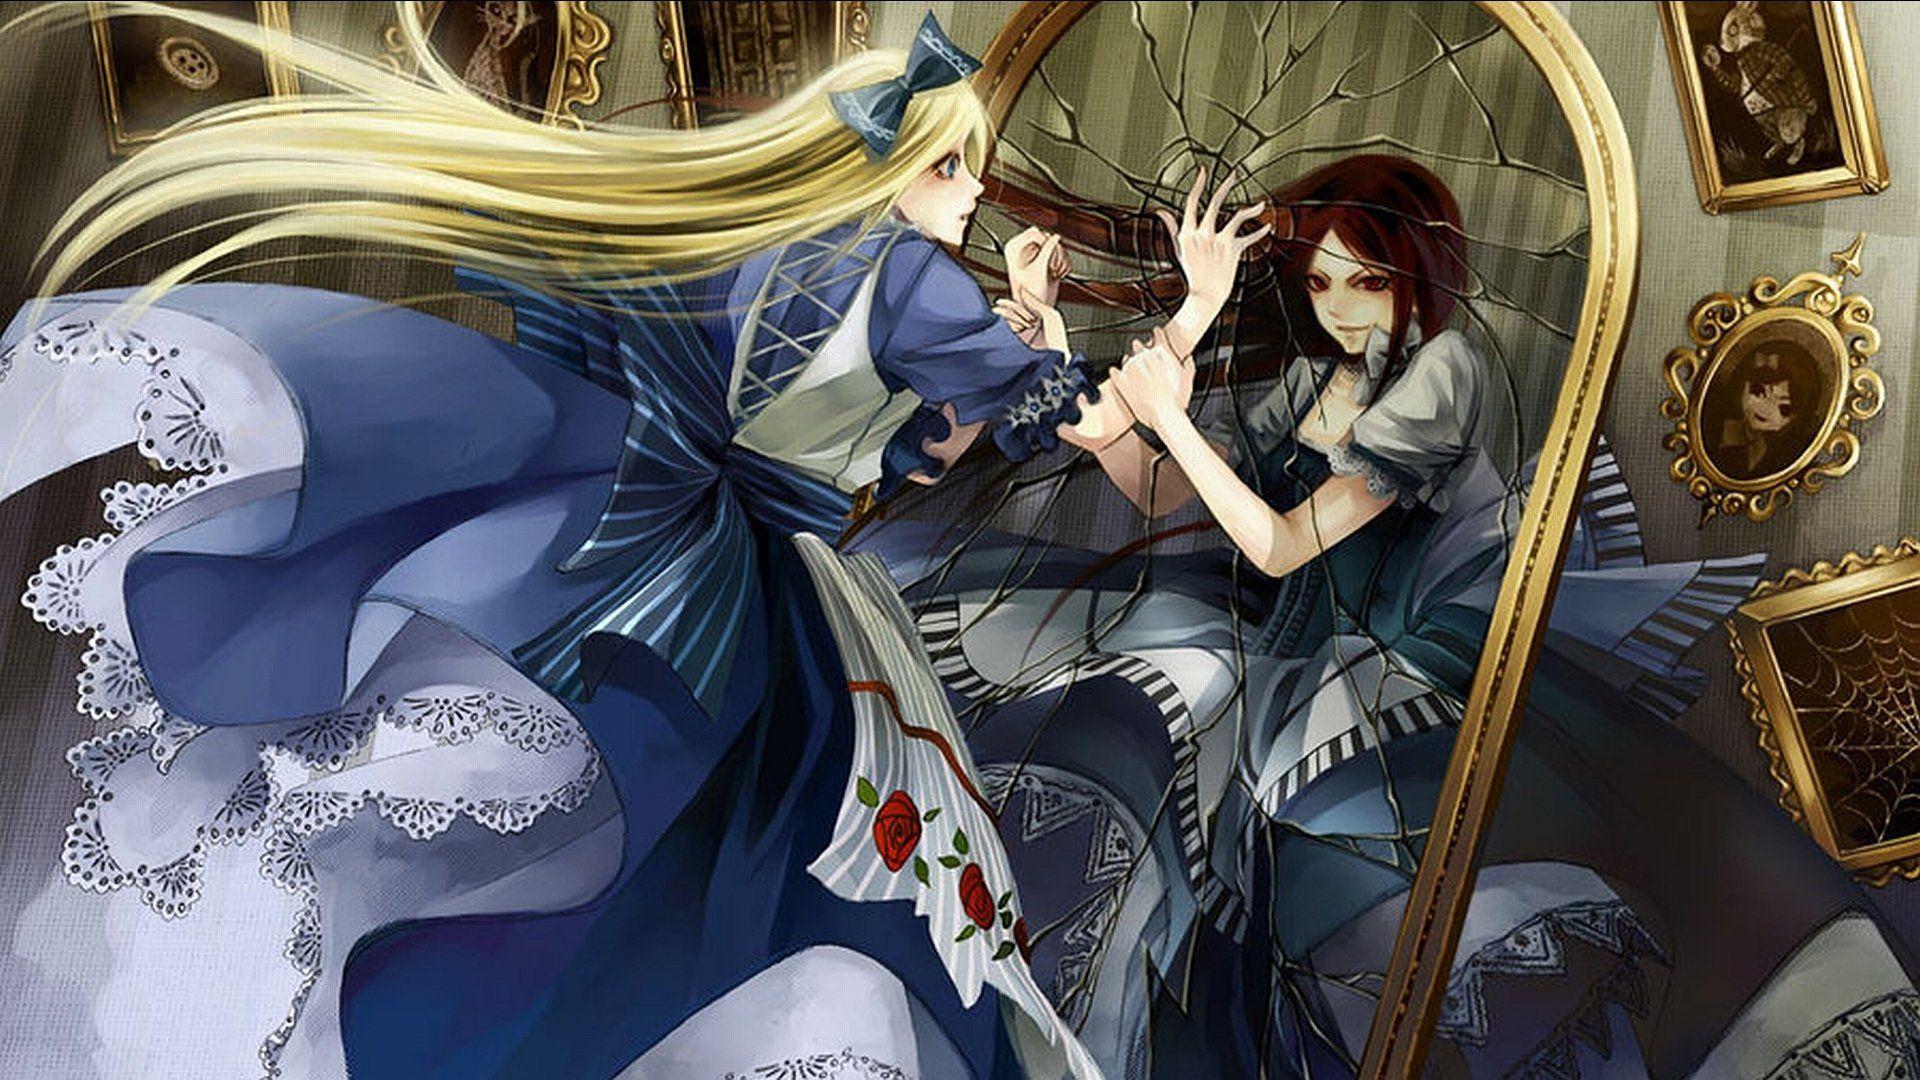 Anime Alice In Wonderland Wallpaper Alice madness, Alice